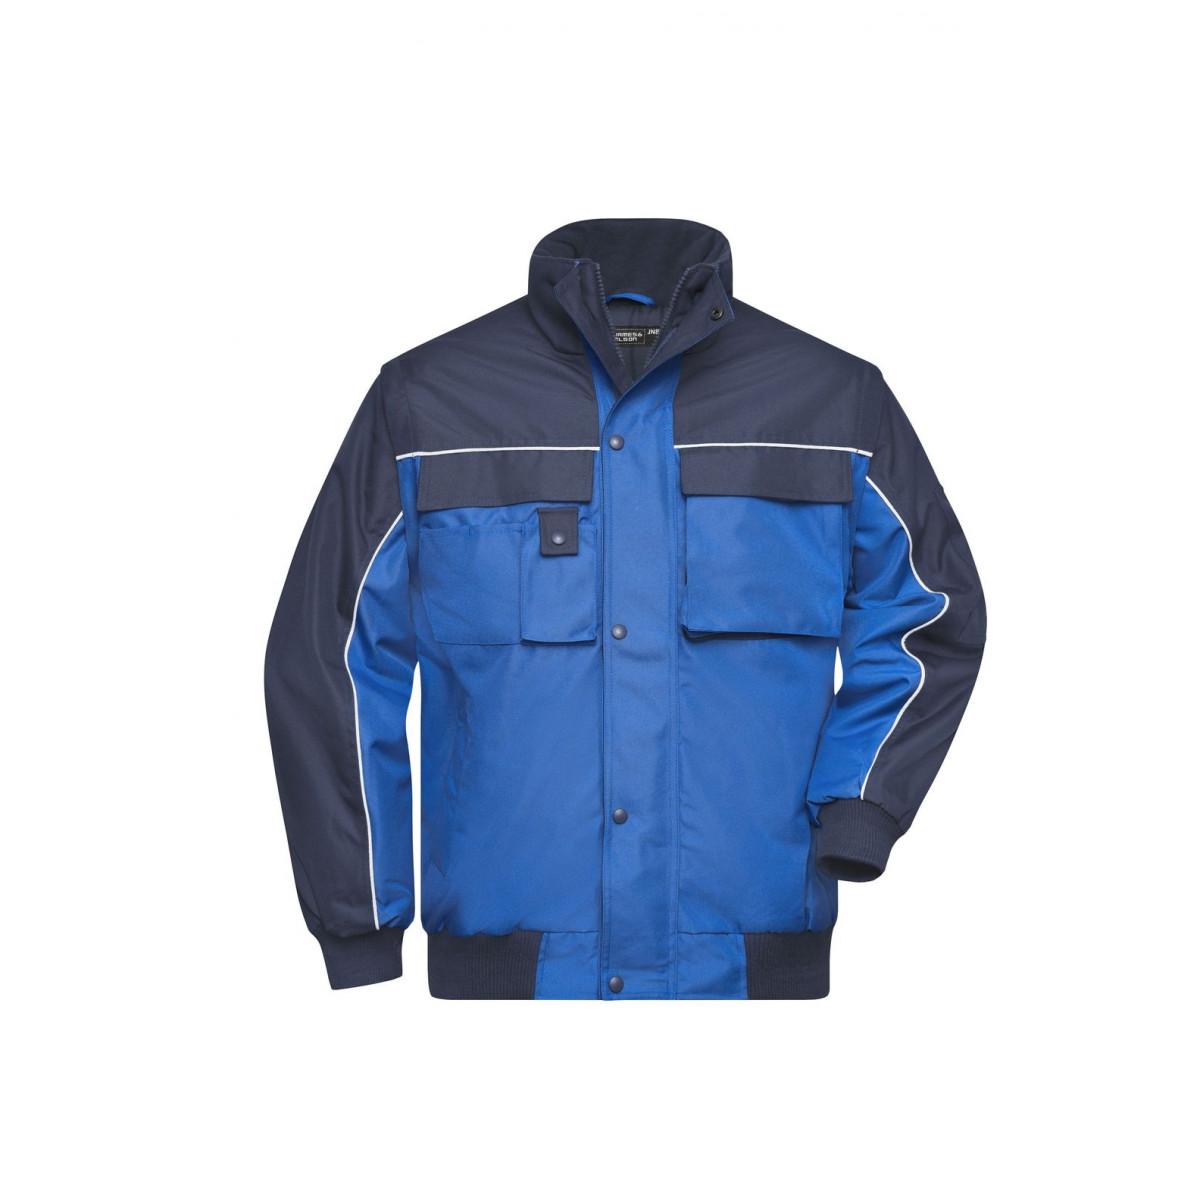 Куртка мужская JN810 Workwear Jacket - Ярко-синий/Темно-синий